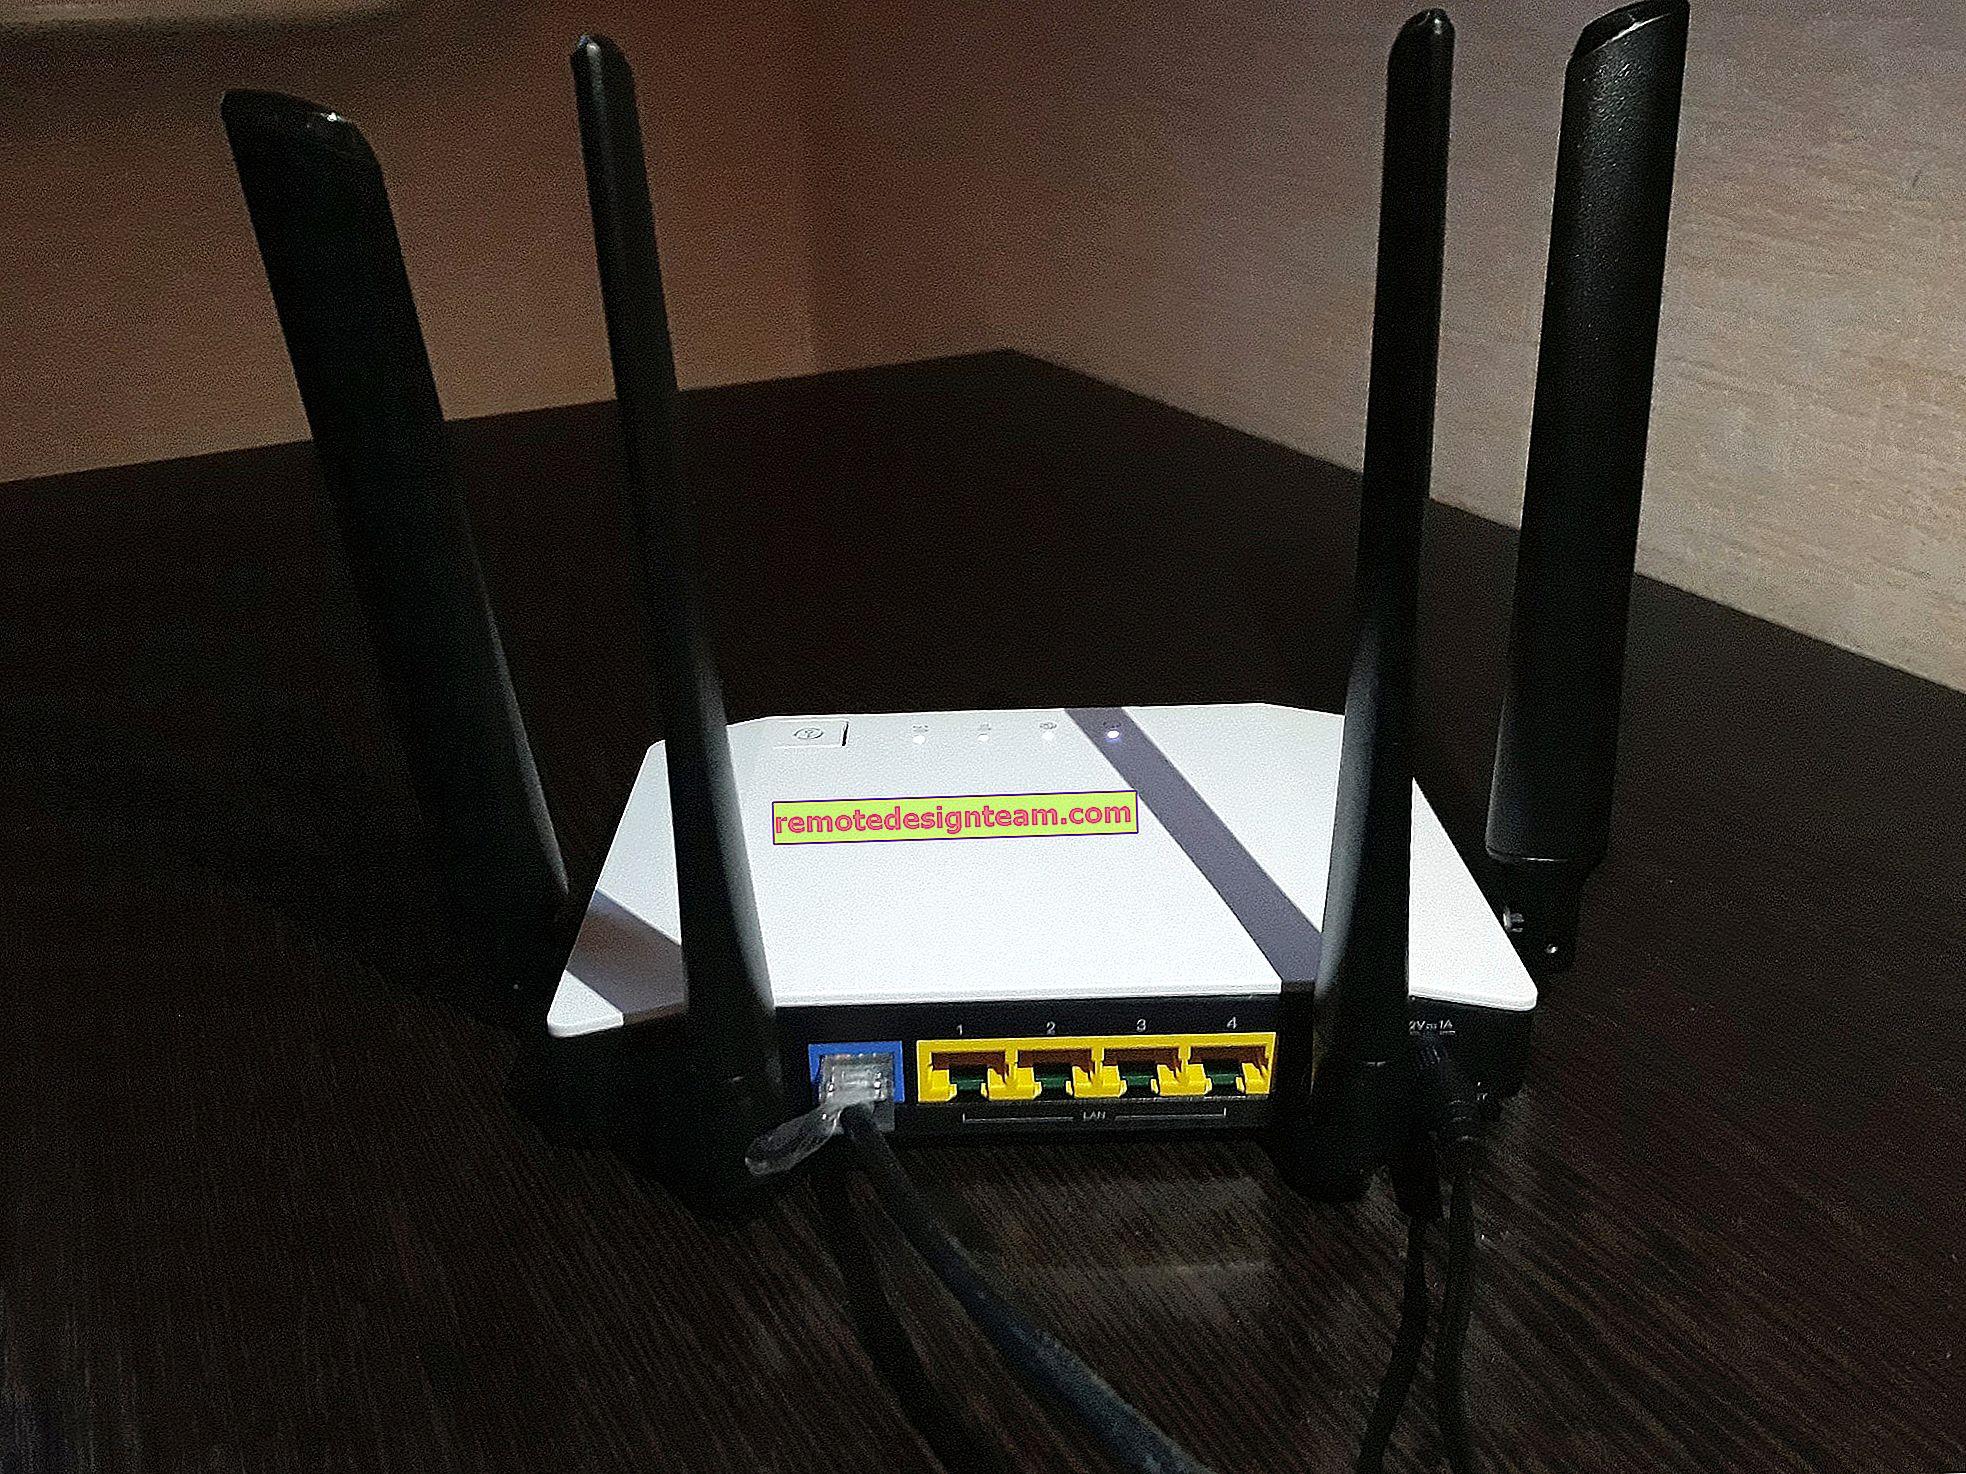 Падає швидкість Wi-Fi при скачуванні торрентів